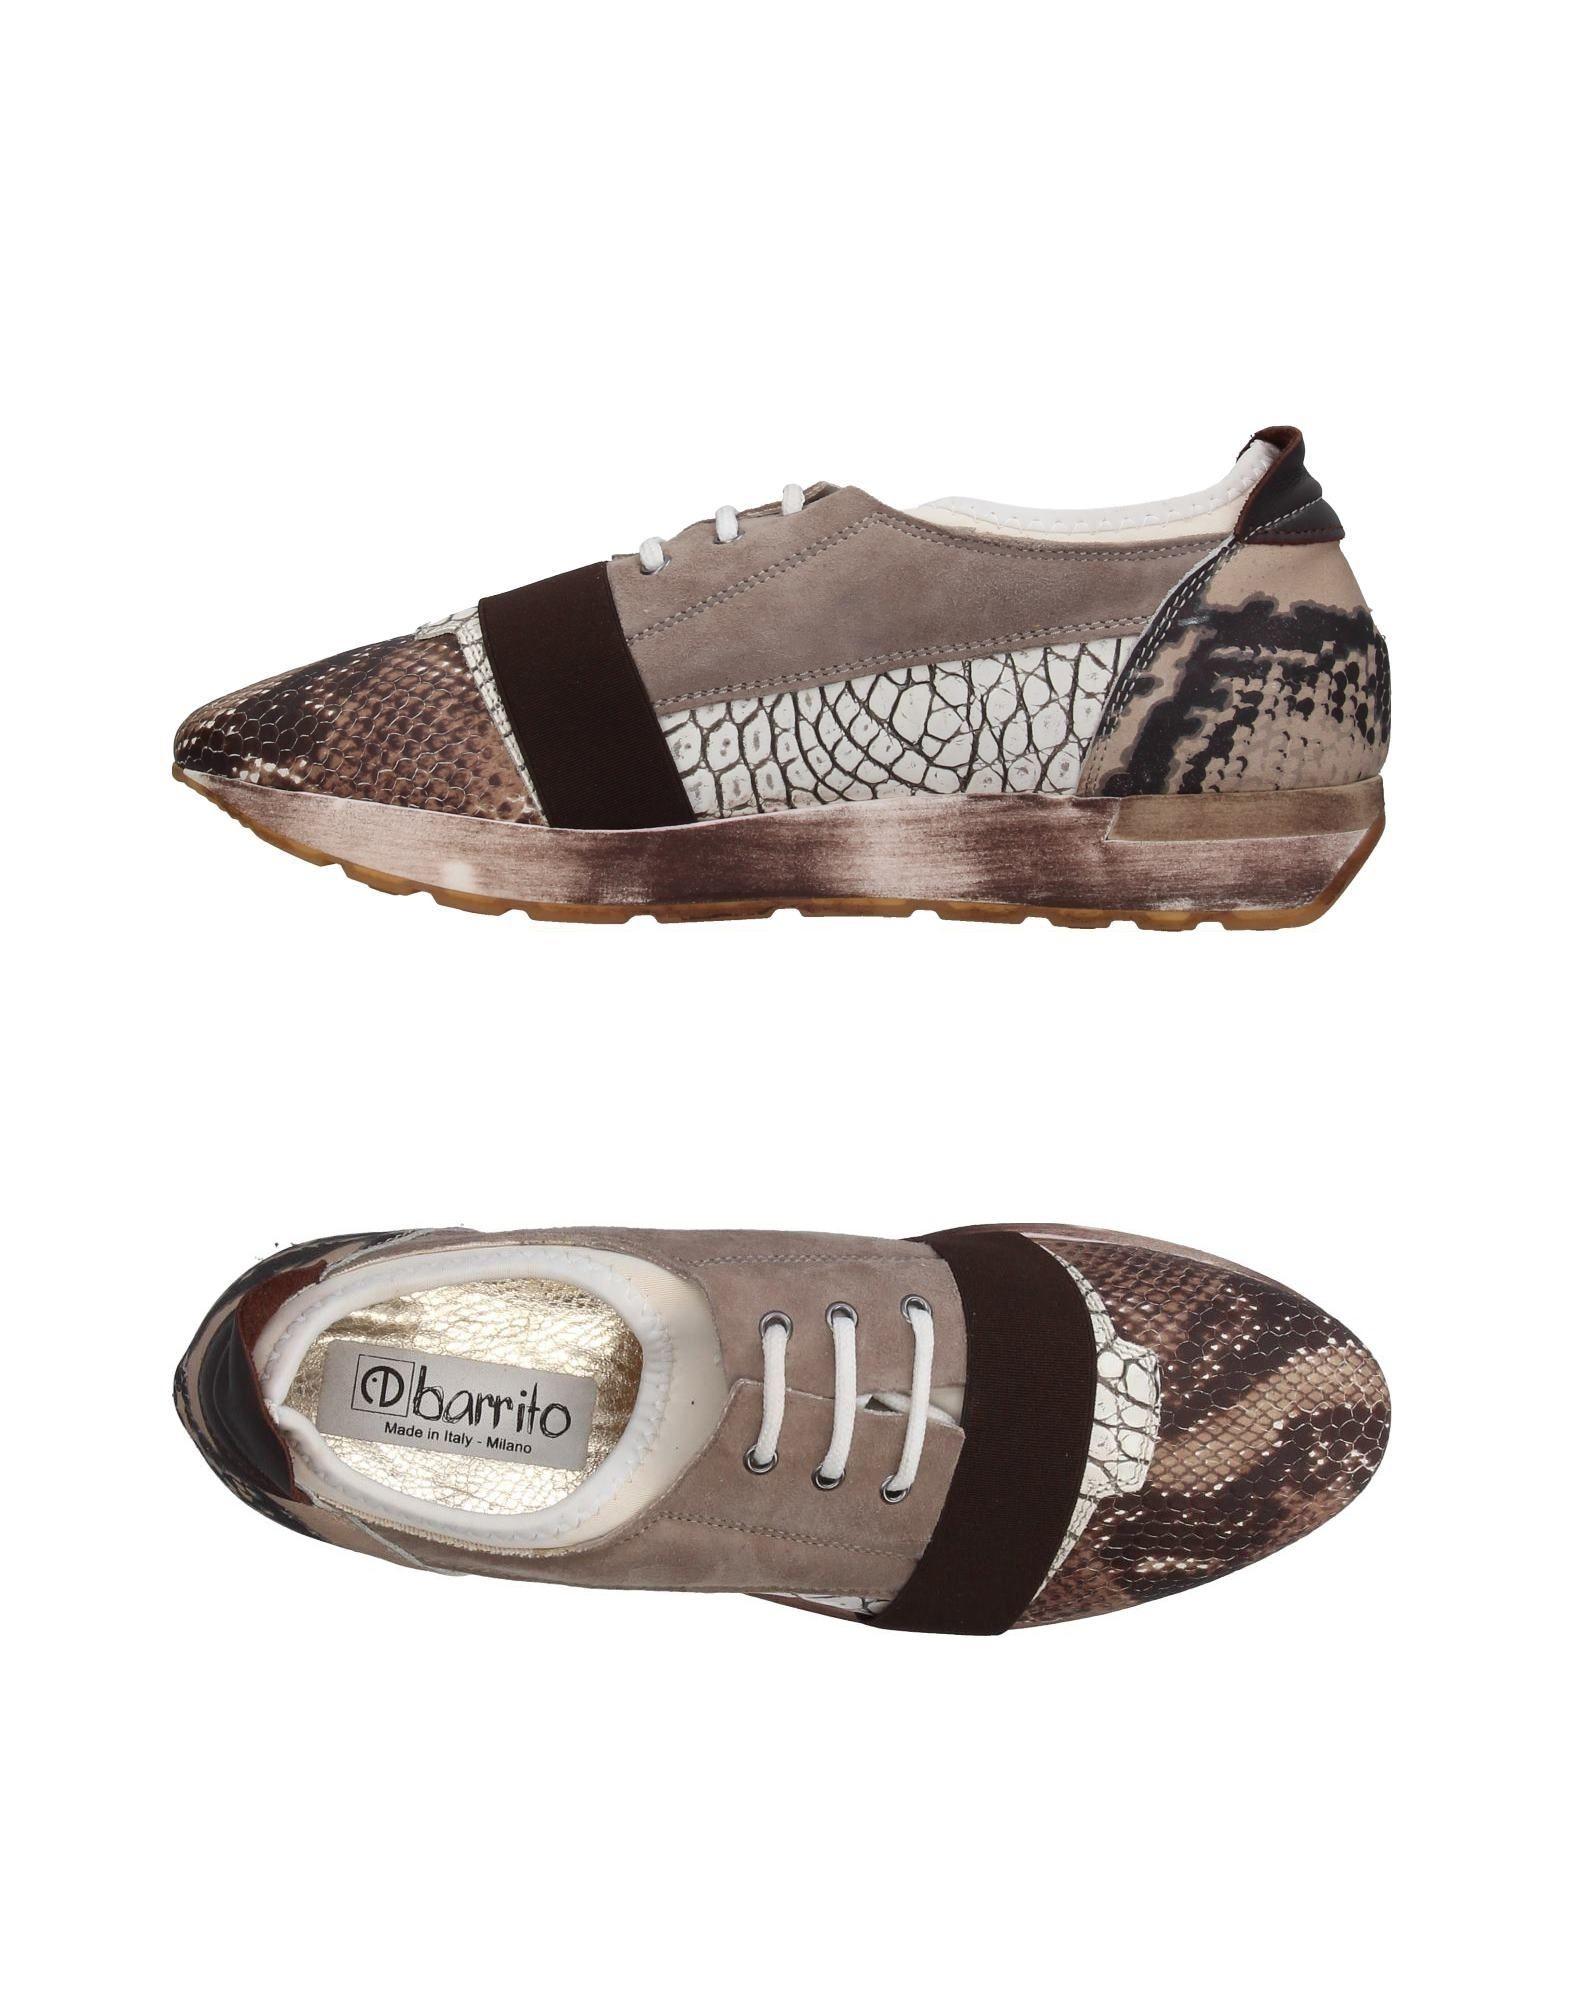 Moda Sneakers Ebarrito Ebarrito Ebarrito Donna - 11396397QH f58e60